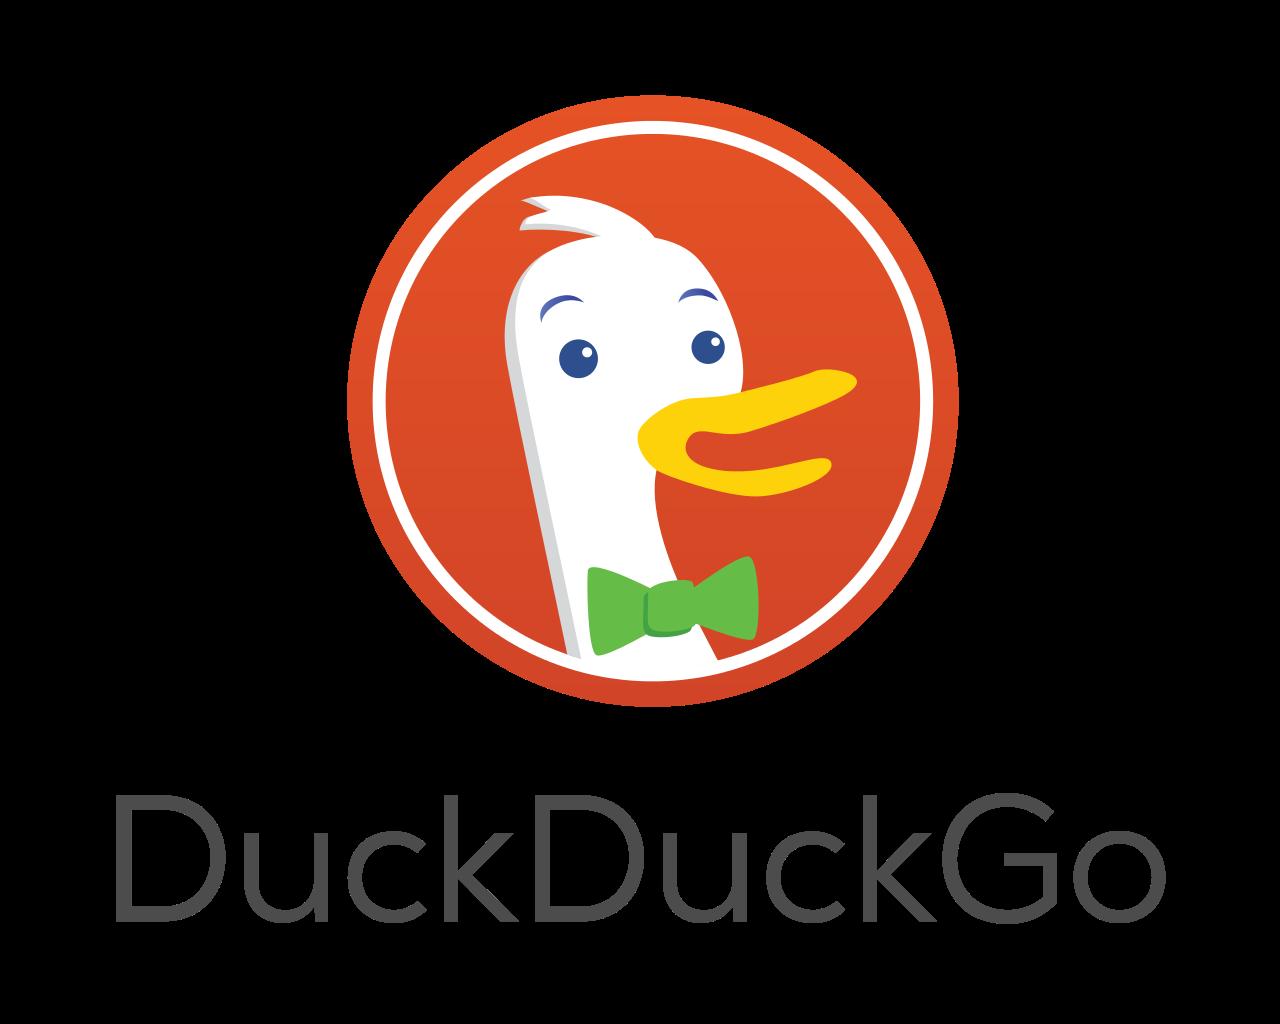 DuckDuckGo-mozilla